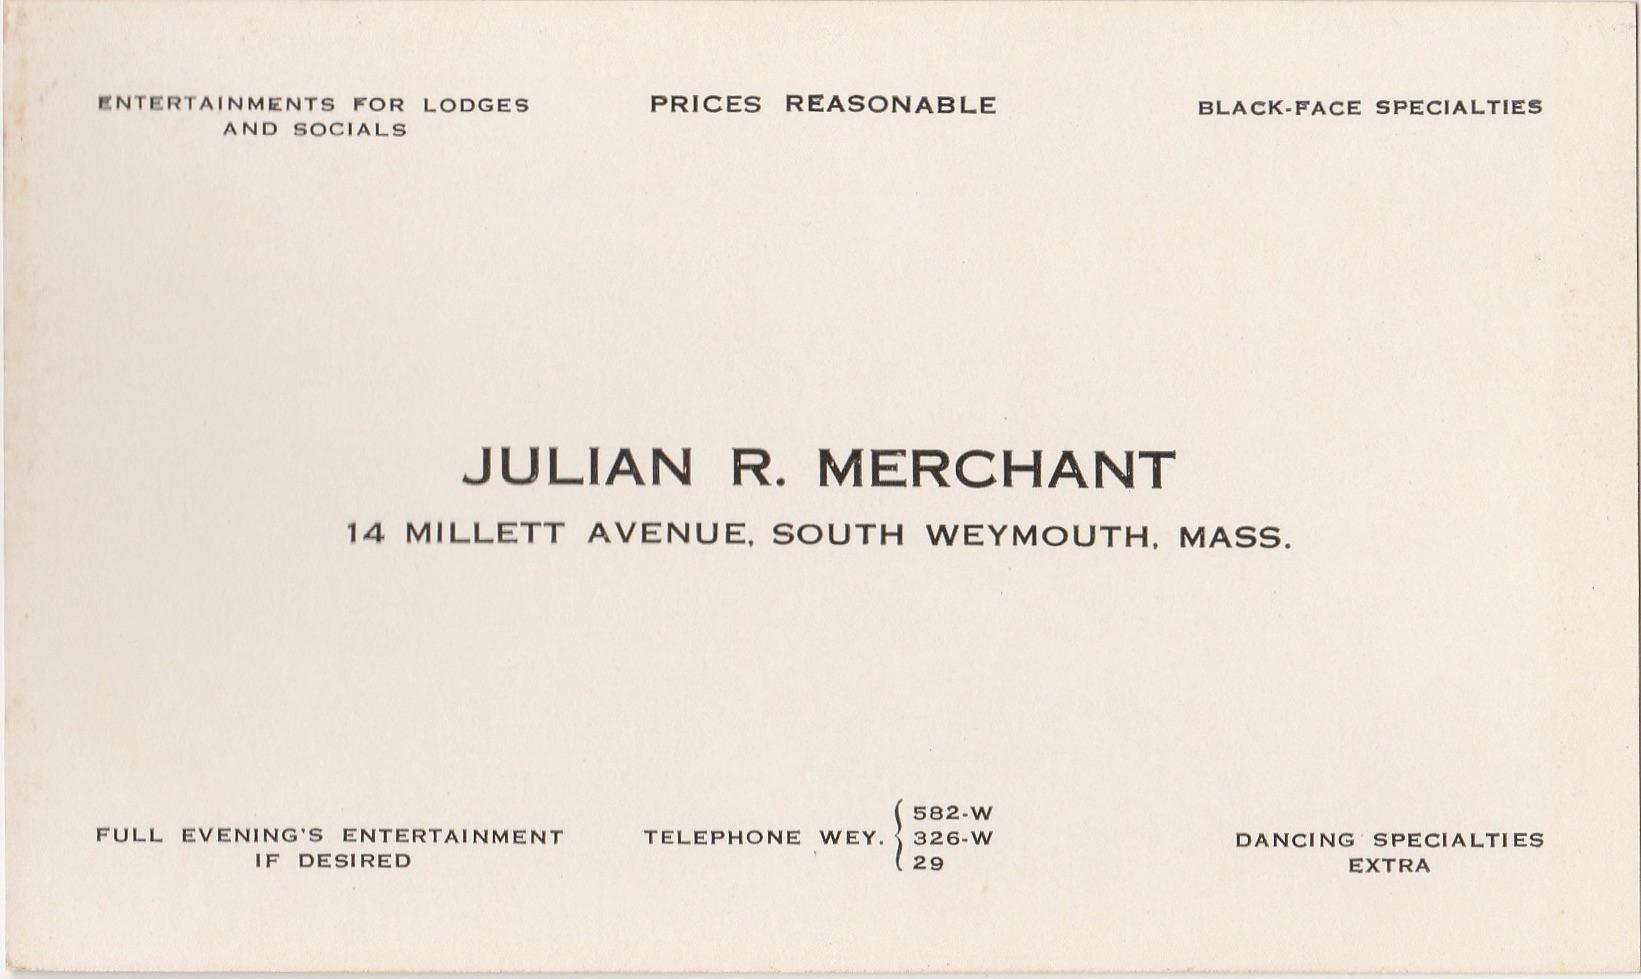 Oversize Business Card Julian R. Merchant — South Weymouth, Mass.